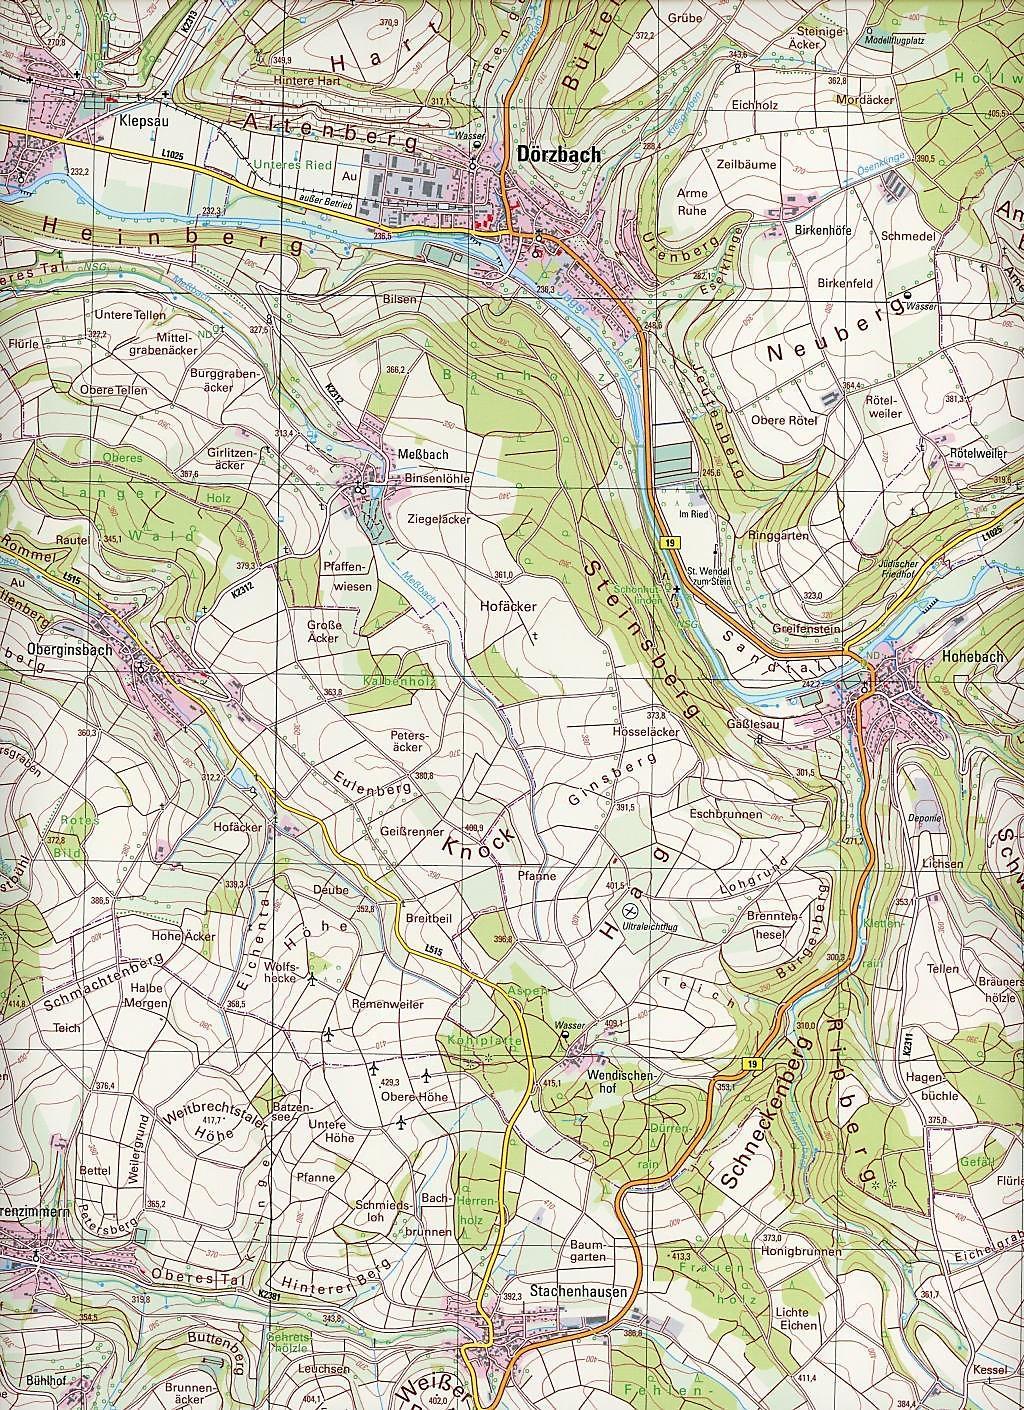 Topographische Karte Nrw.Topographische Karte Baden Württemberg Mulfingen Buch Weltbild De